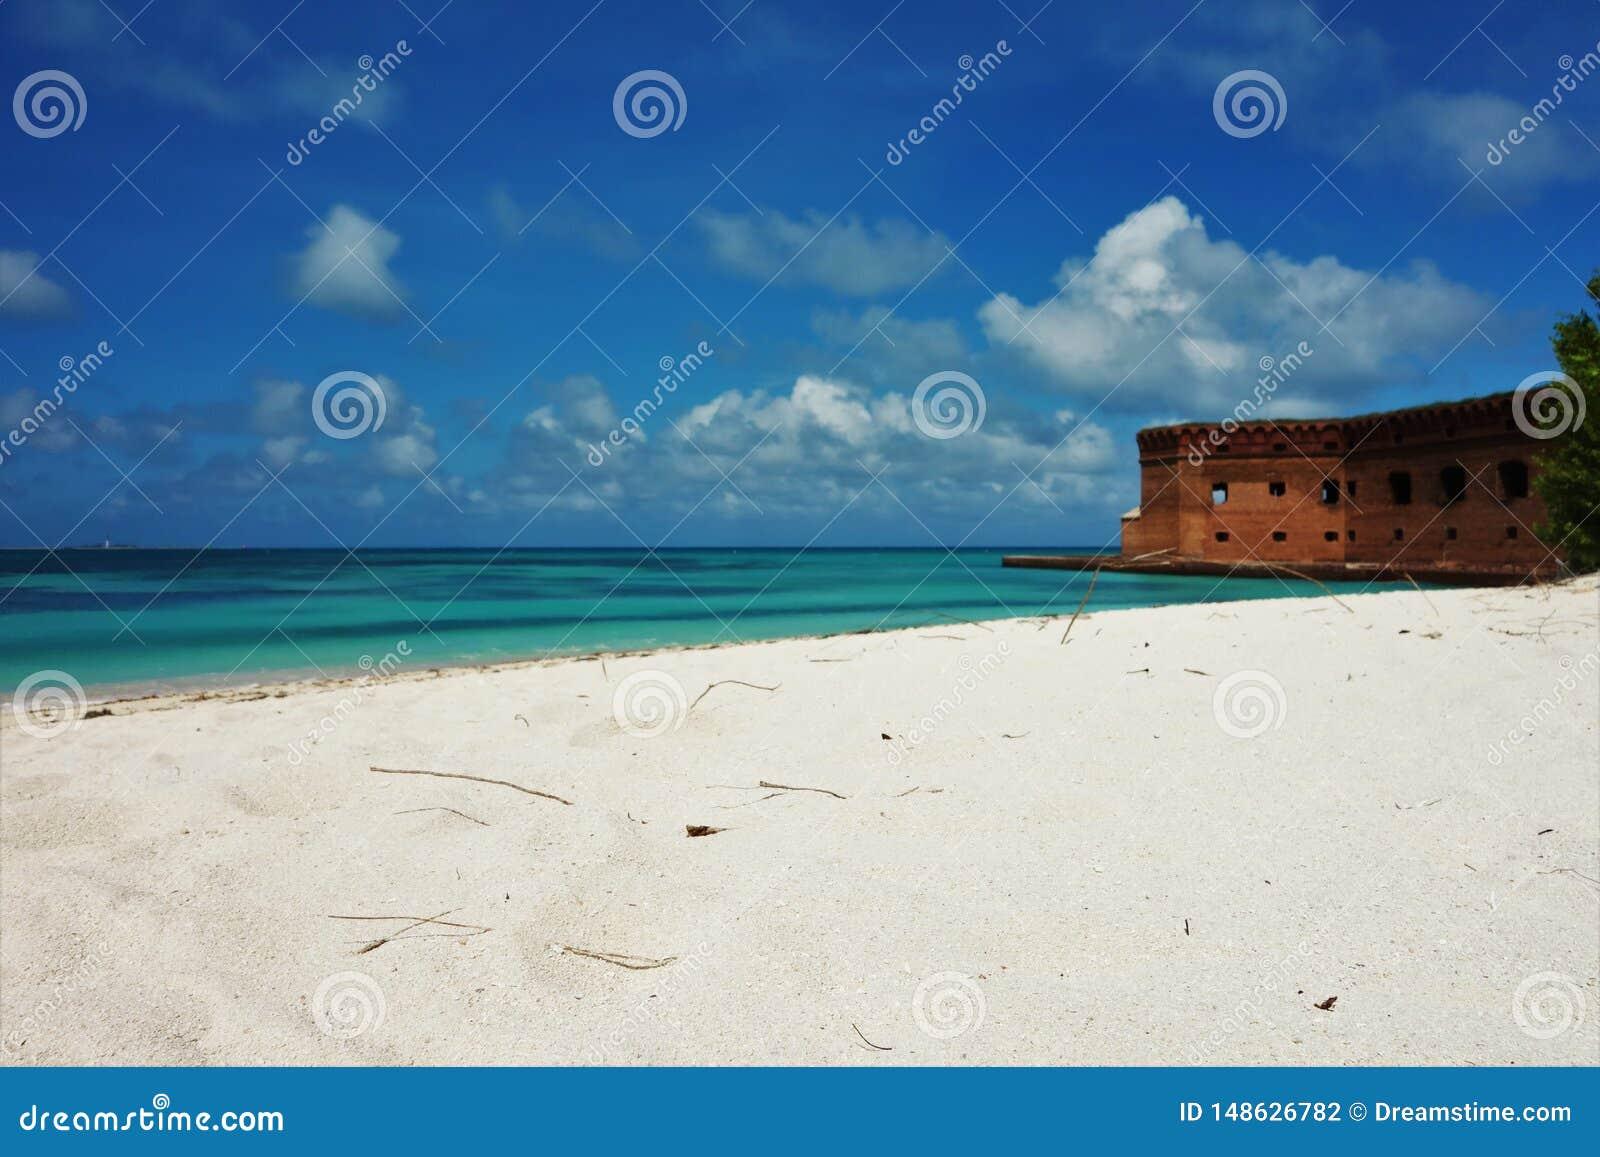 干龟群岛国立公园基韦斯特岛佛罗里达摄影